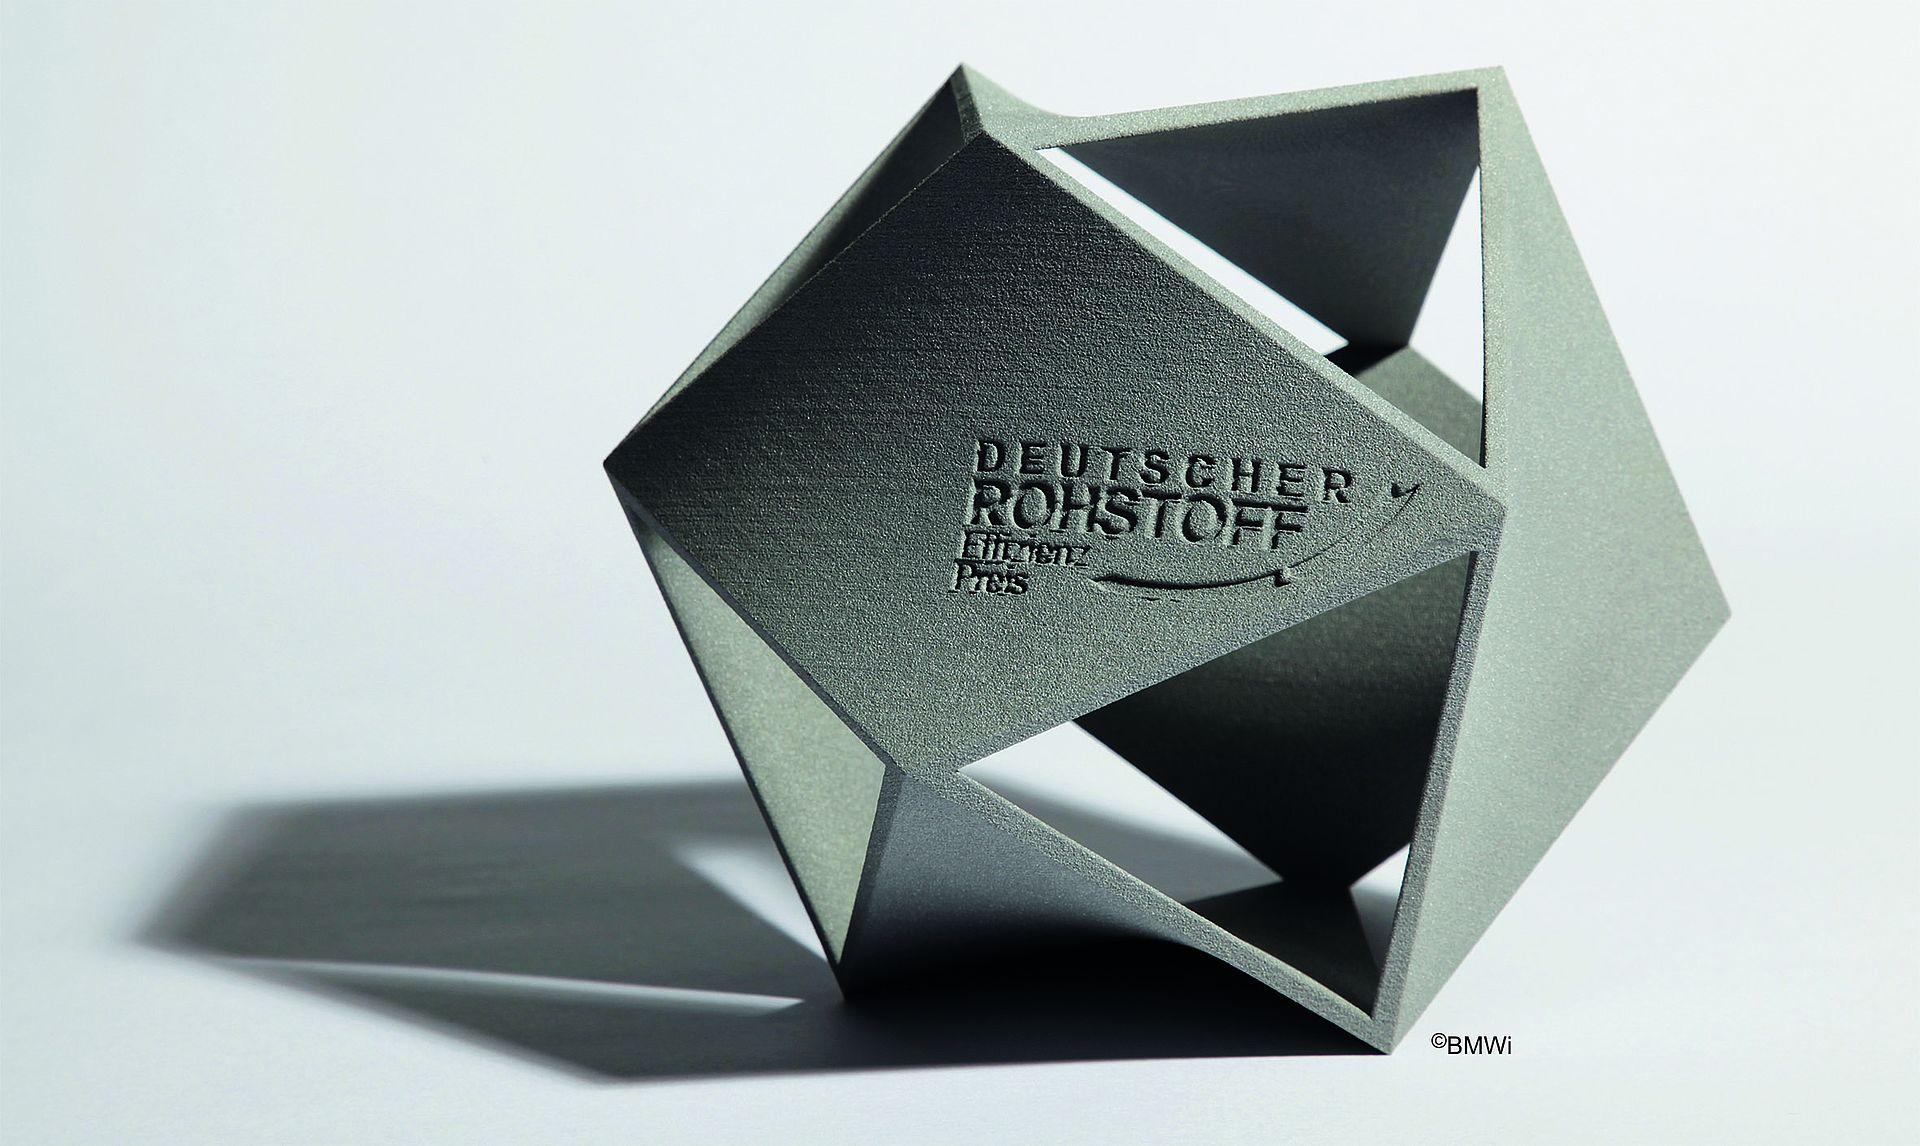 Deutscher Rohstoff Effizienzpreis Protektor